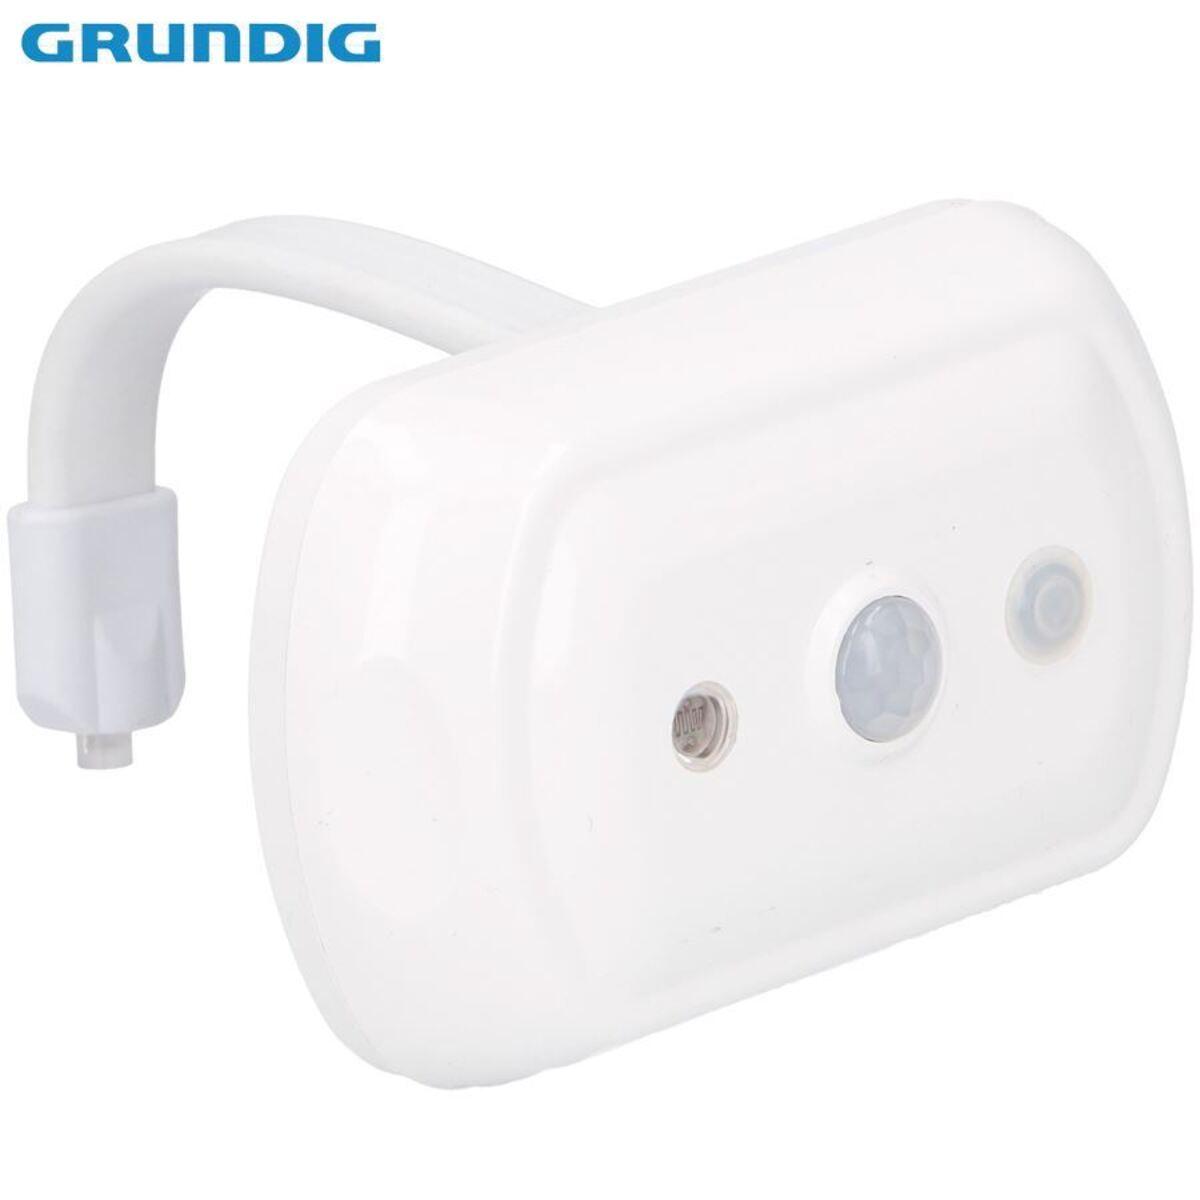 Bild 2 von Grundig LED-Toilettenlicht mit Sensor